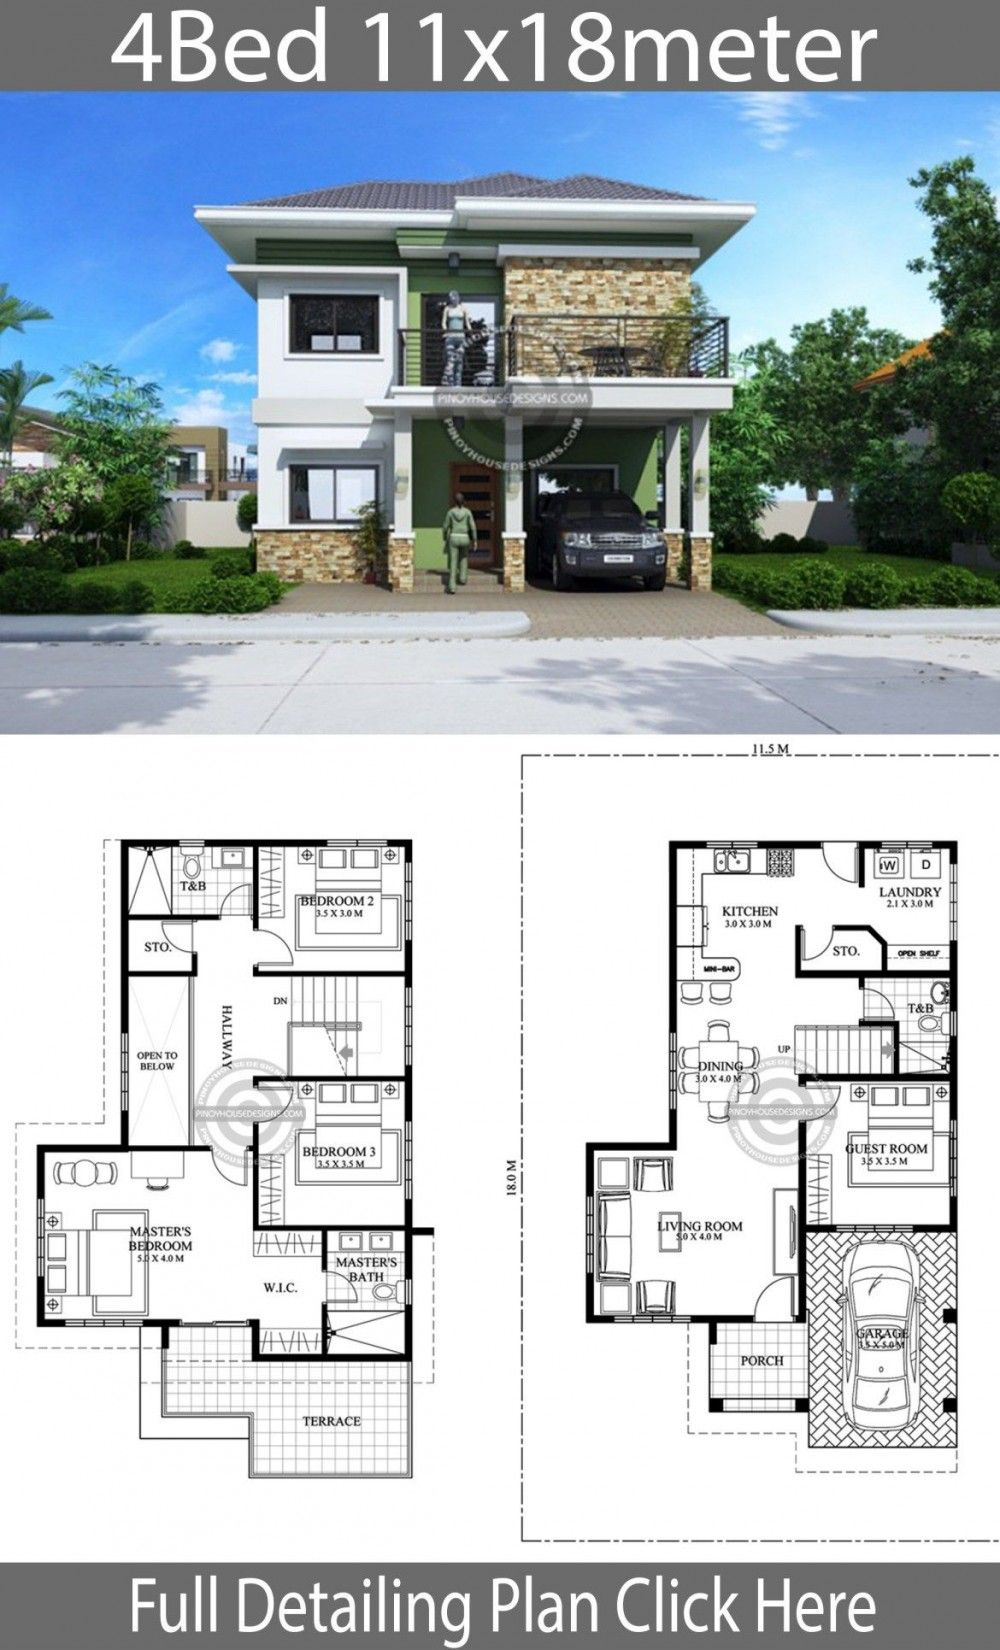 Plan De Design De Maison 11x18m Avec 4 Chambres In 2020 Home Design Plan Bungalow House Design House Design